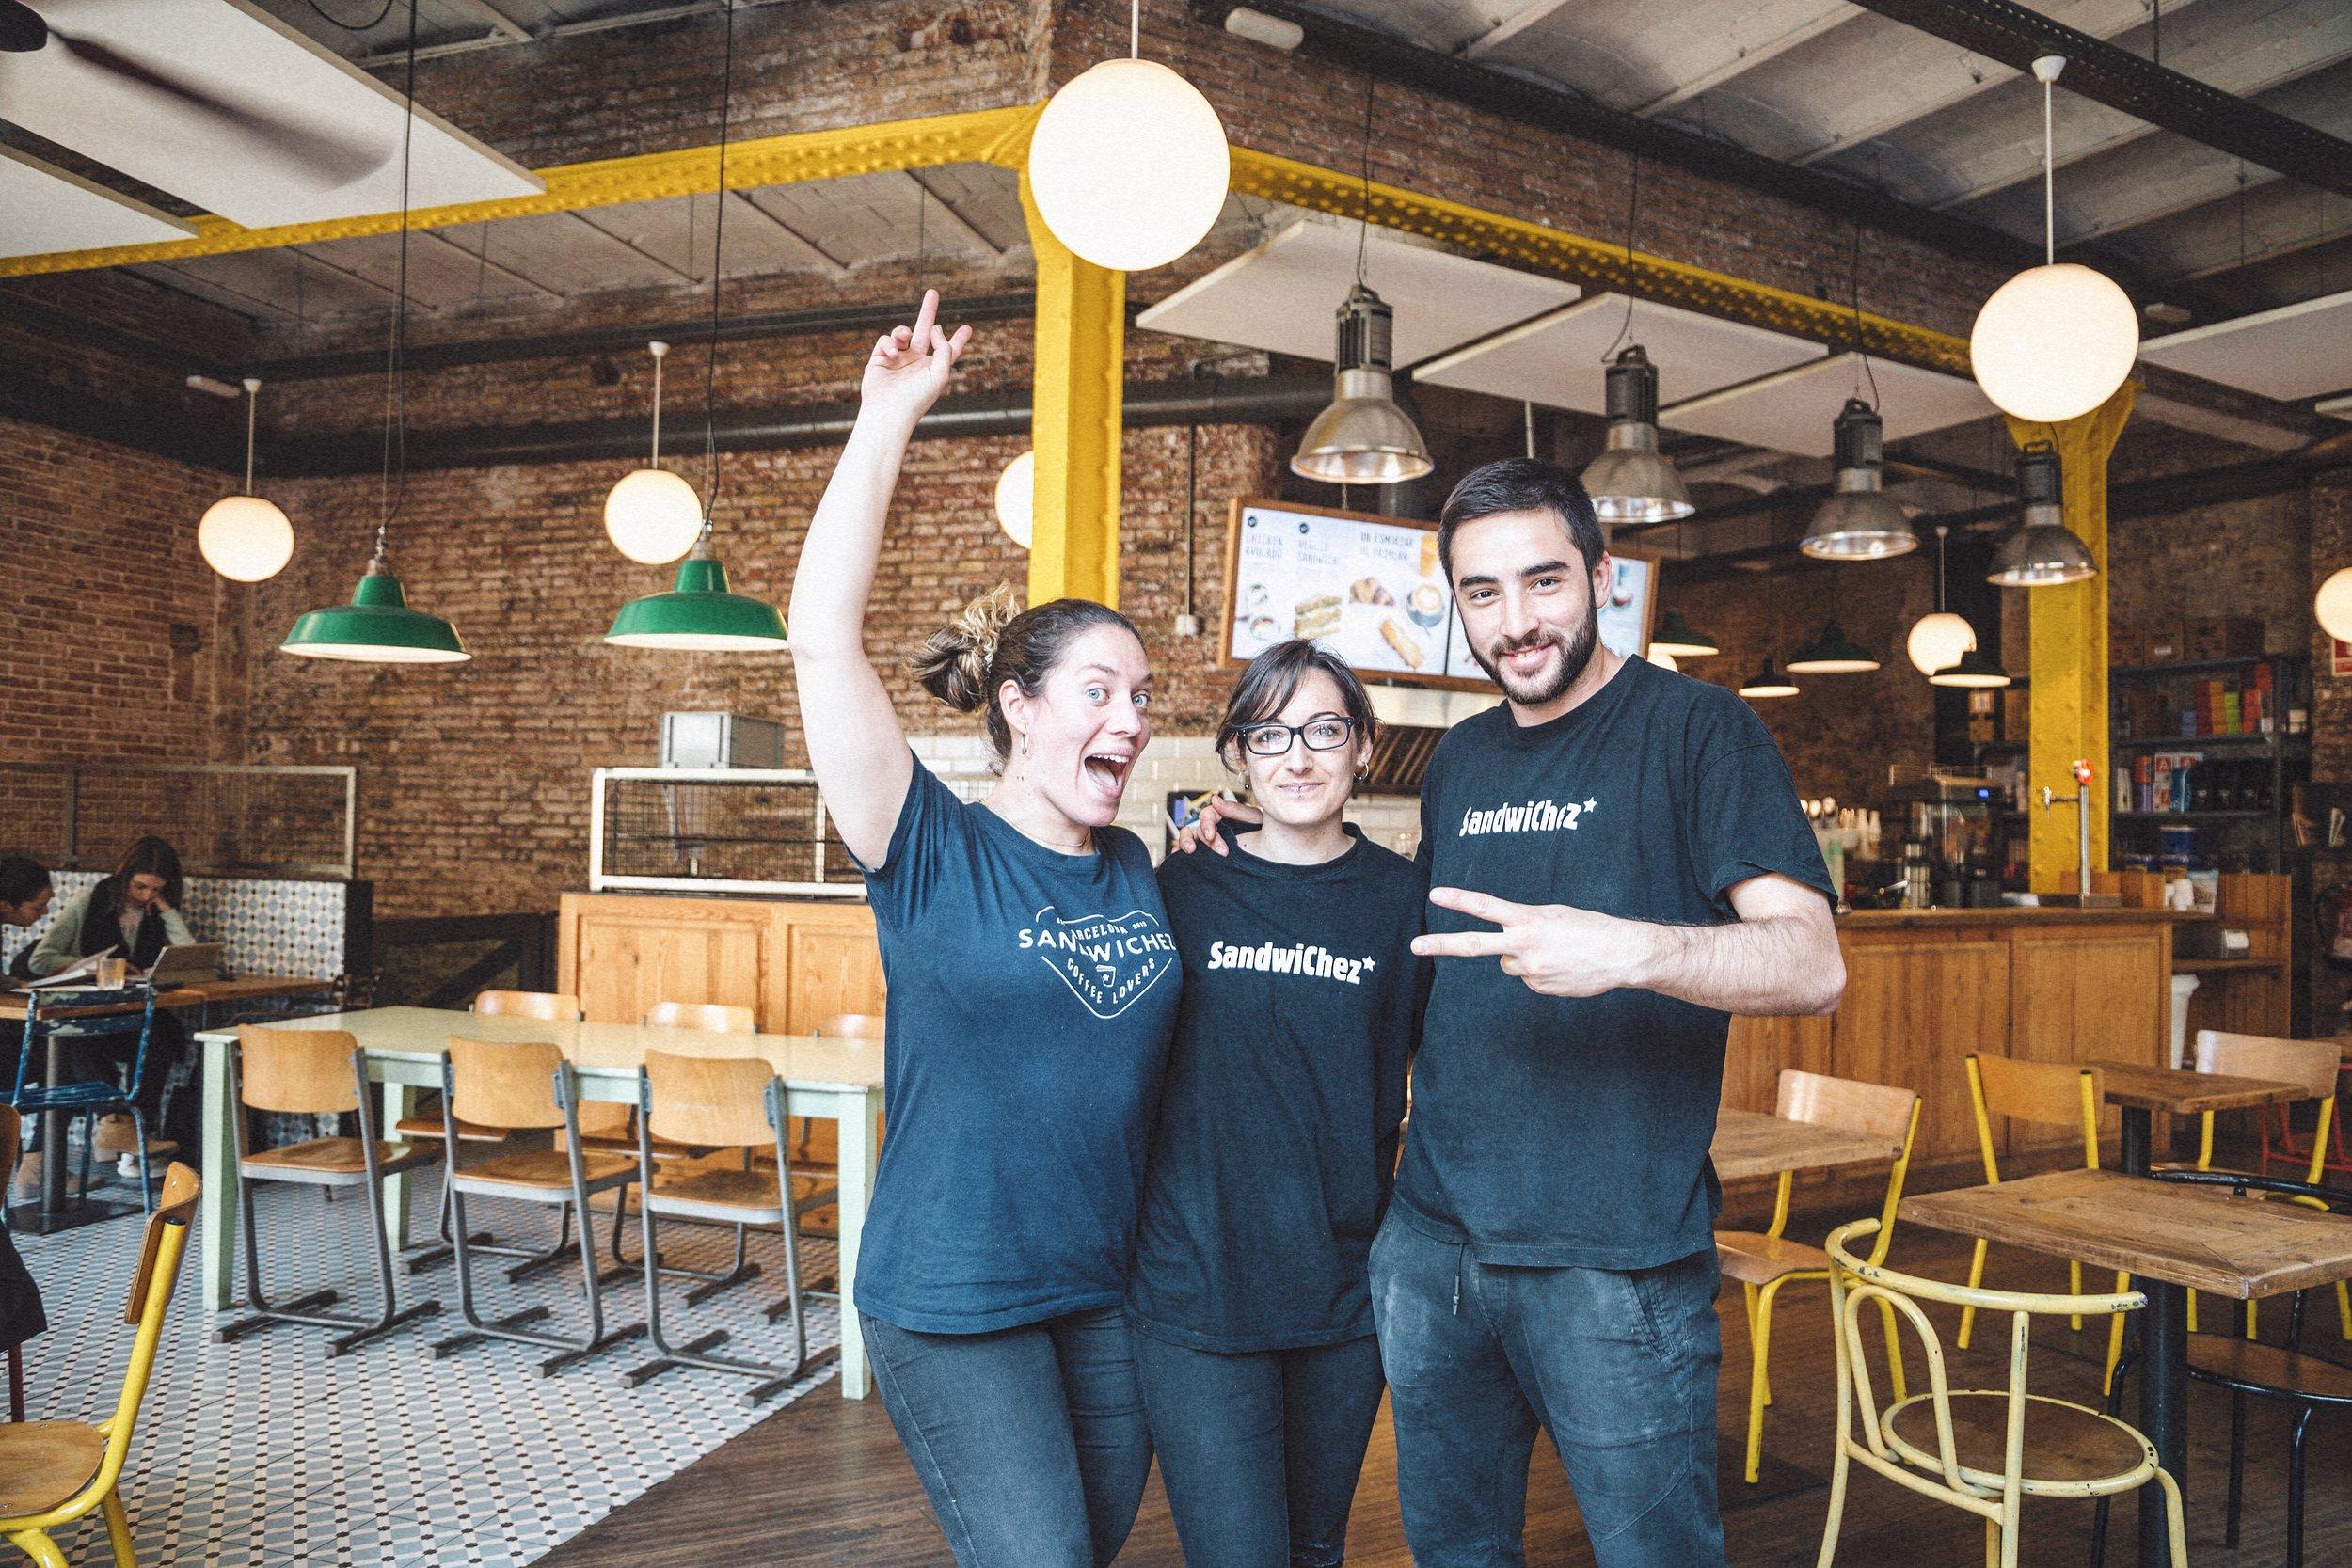 QUALITAT DE SERVEI - Hem intentat crear un equip amb gent d'esperit jove i un clima on ens sentim orgullosos de treballar.Ens encanta fer la feina ben feta i sentir-nos part d'un projecte que val la pena. Si no estàs satisfet amb el servei rebut, agrairem que ens ho fagis saber a sandwichez@sandwichez.es